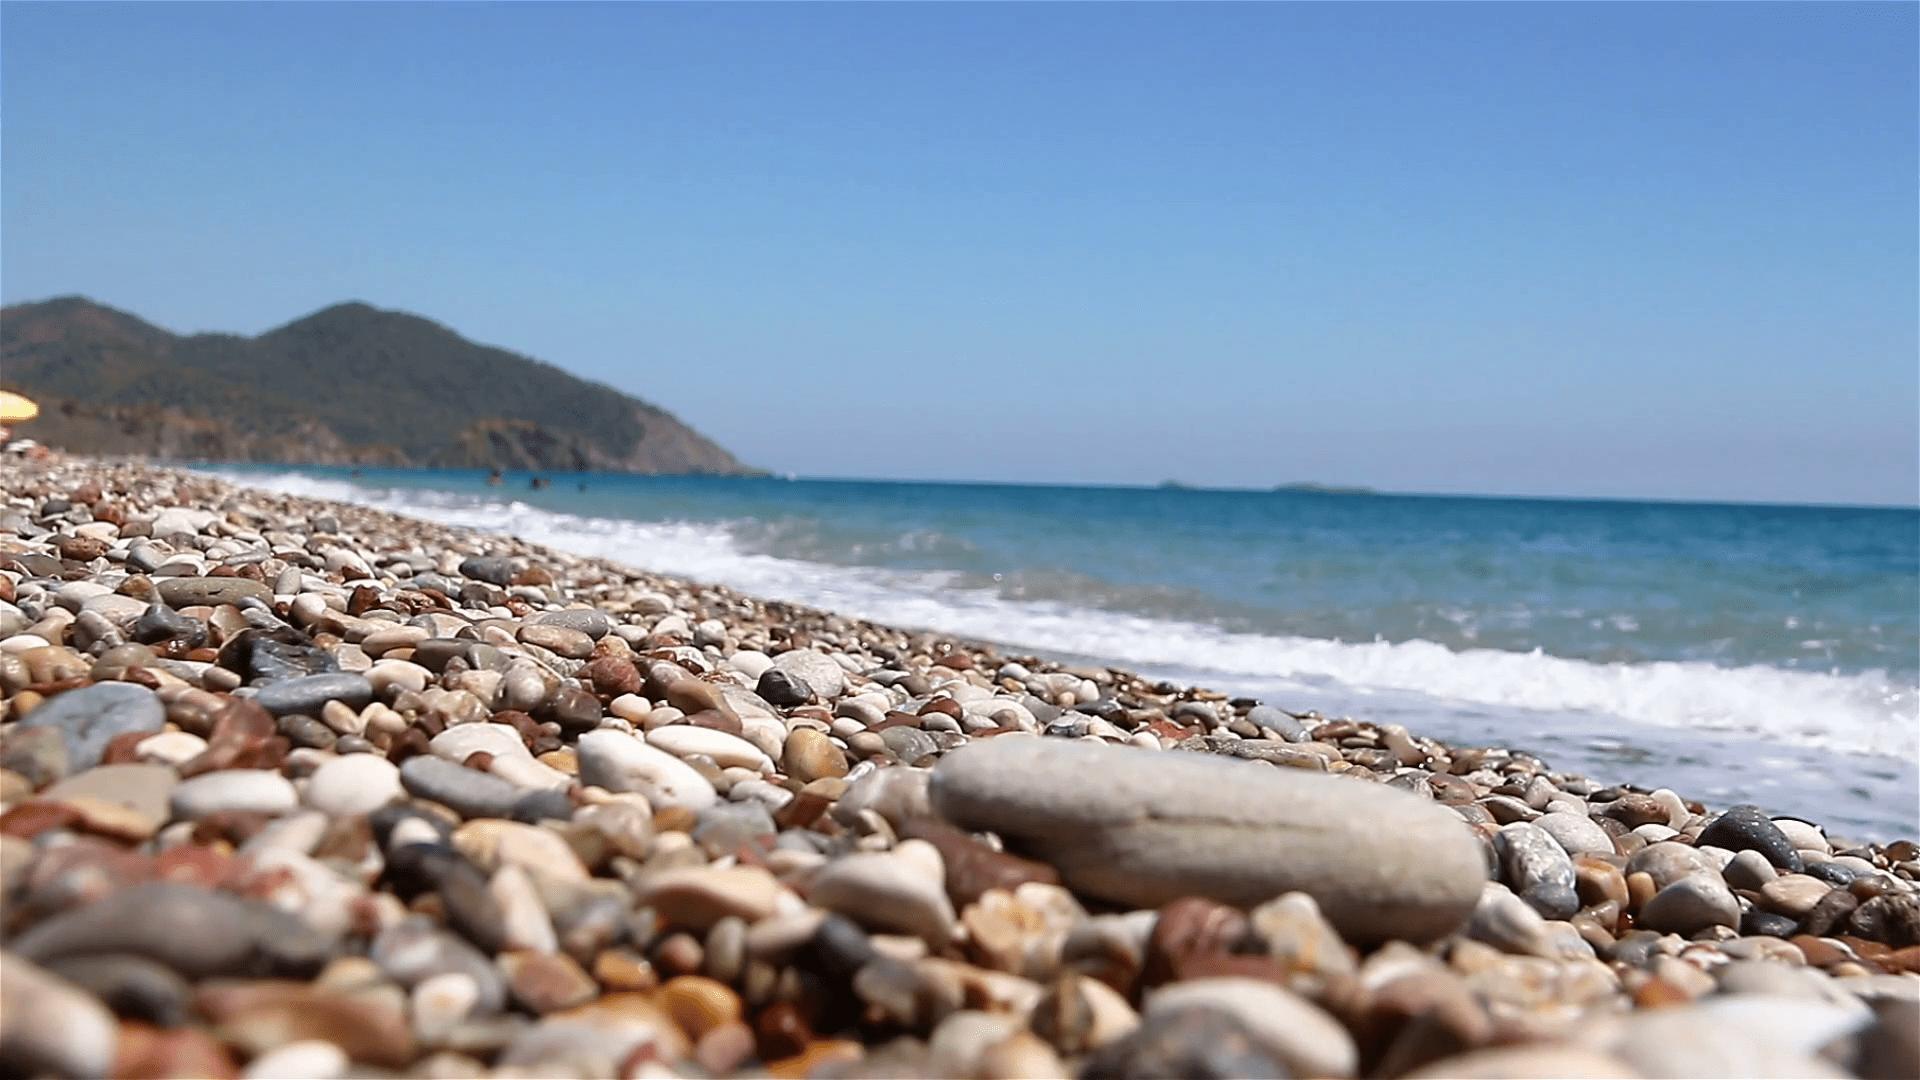 Кемер пляжи галька